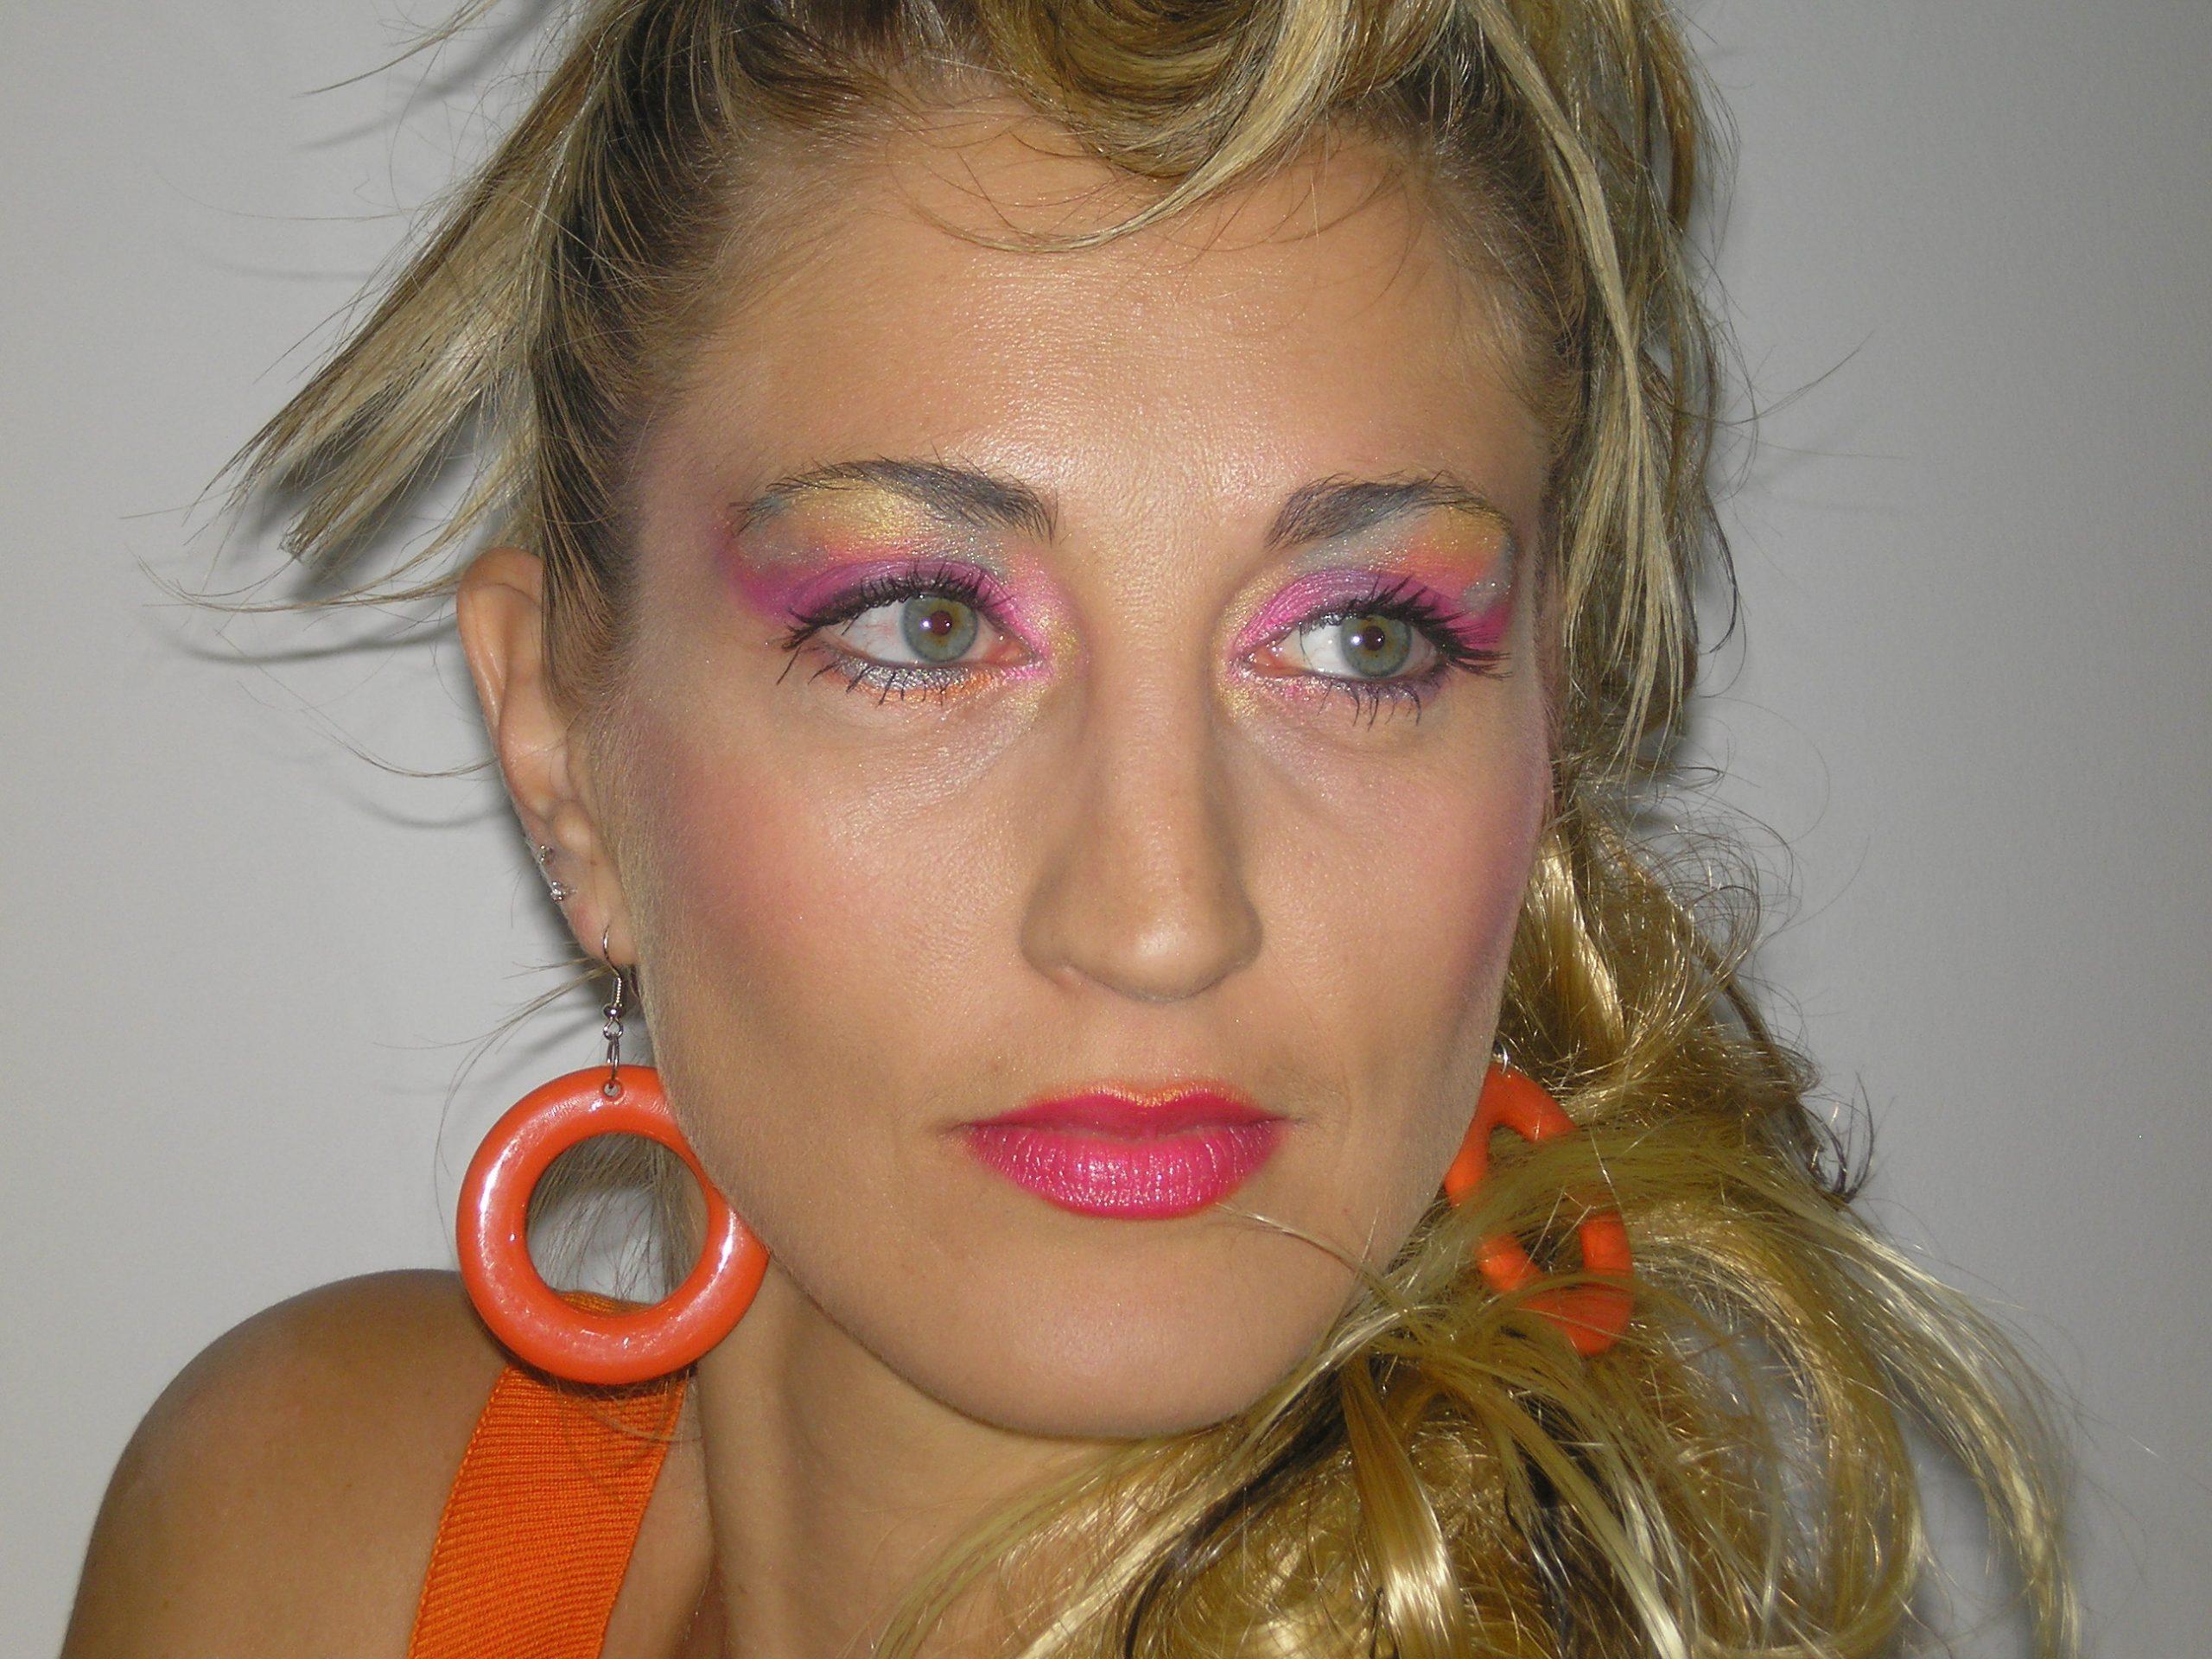 Make-up Perfetto per ogni evento? Nessun problema con i consigli di Make-up Point di Sandra Spadaro